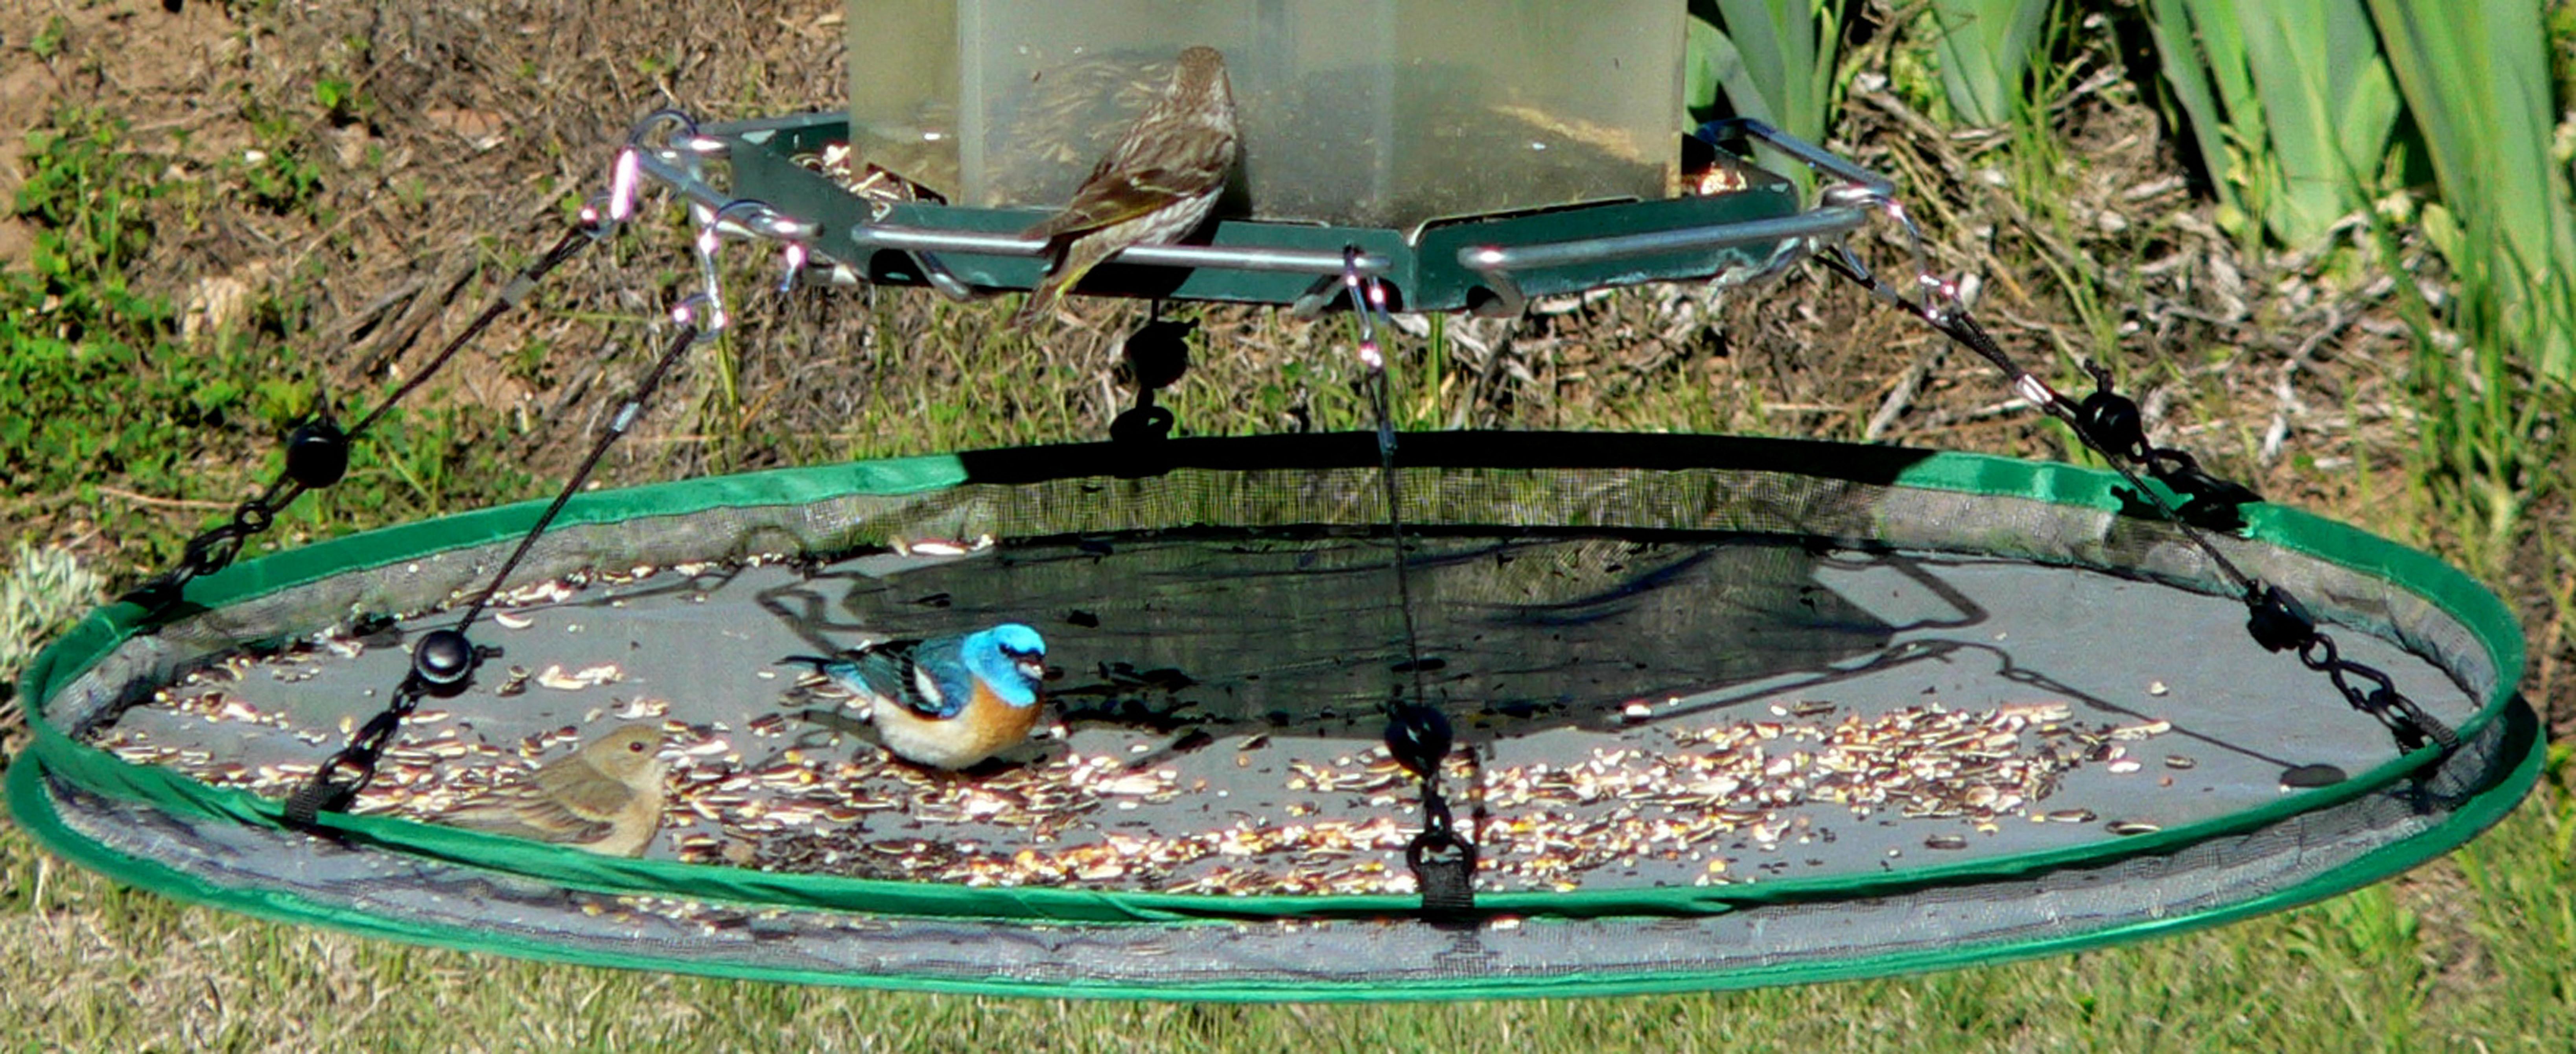 songbird essentials innovations america seed hoop 30 in